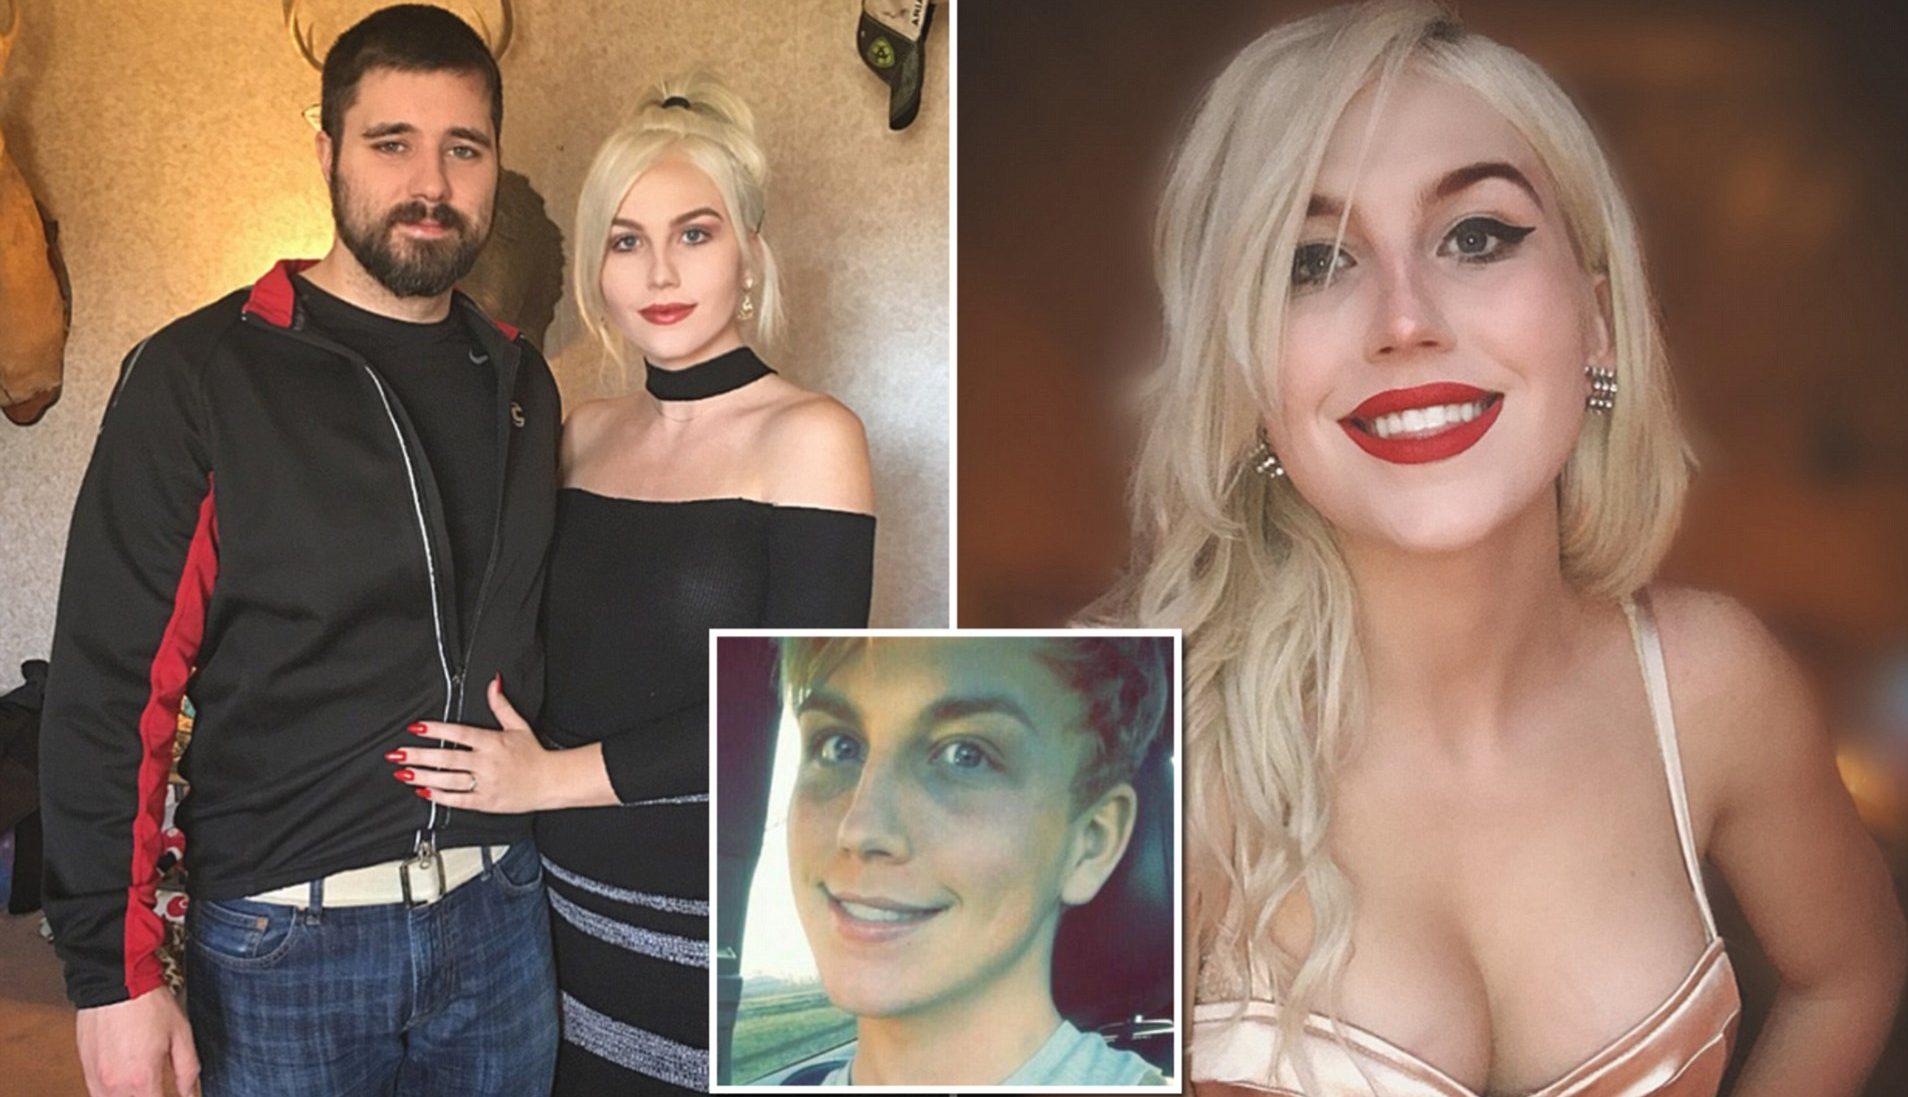 Trans Kadın, Erkekken Kendisini Reddeden Erkekle Aşkı Buldu!